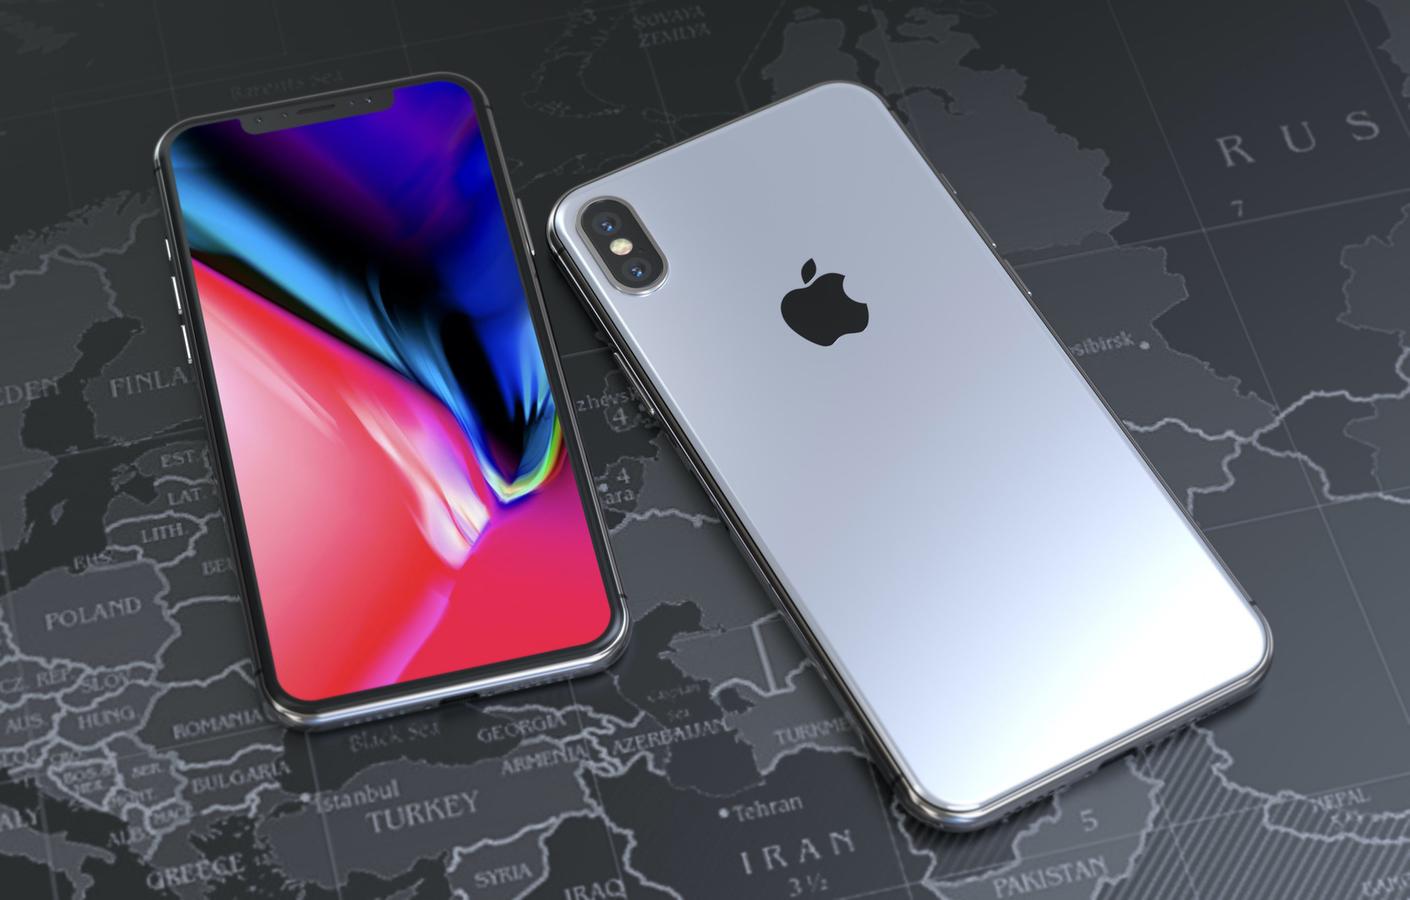 苹果iPhone X Plus机型概念设计 了解一下?